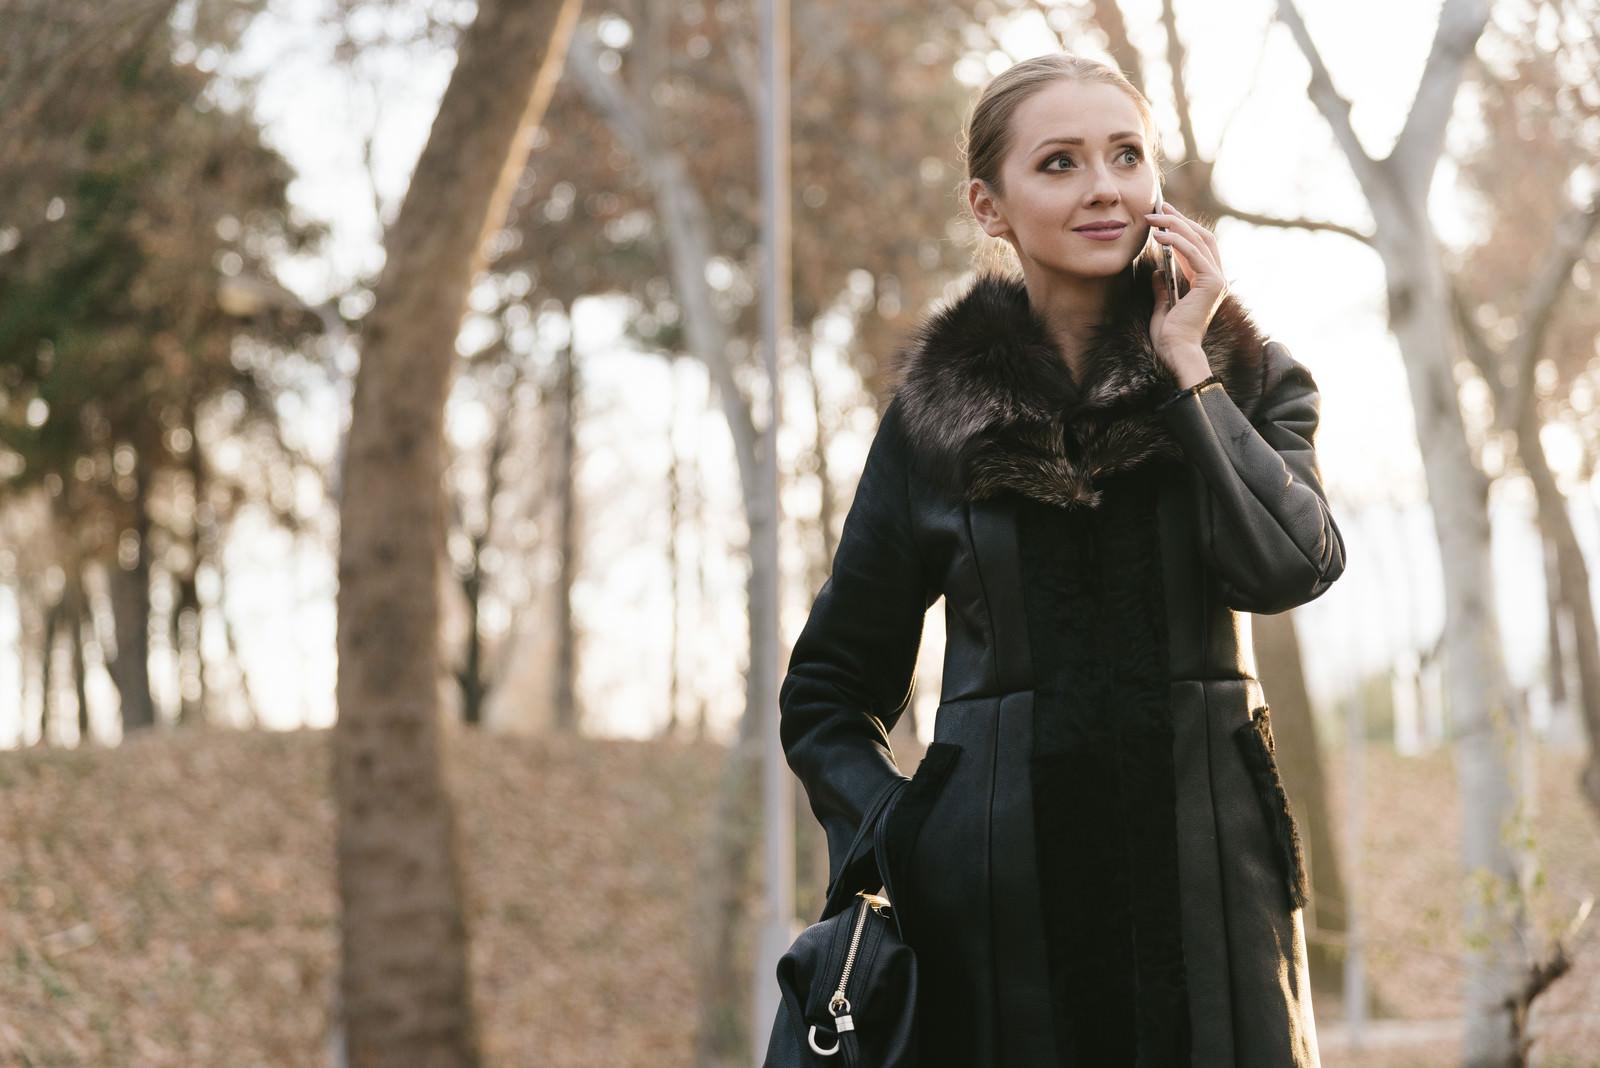 「待ち合わせ場所から電話する女性 | 写真の無料素材・フリー素材 - ぱくたそ」の写真[モデル:モデルファクトリー]